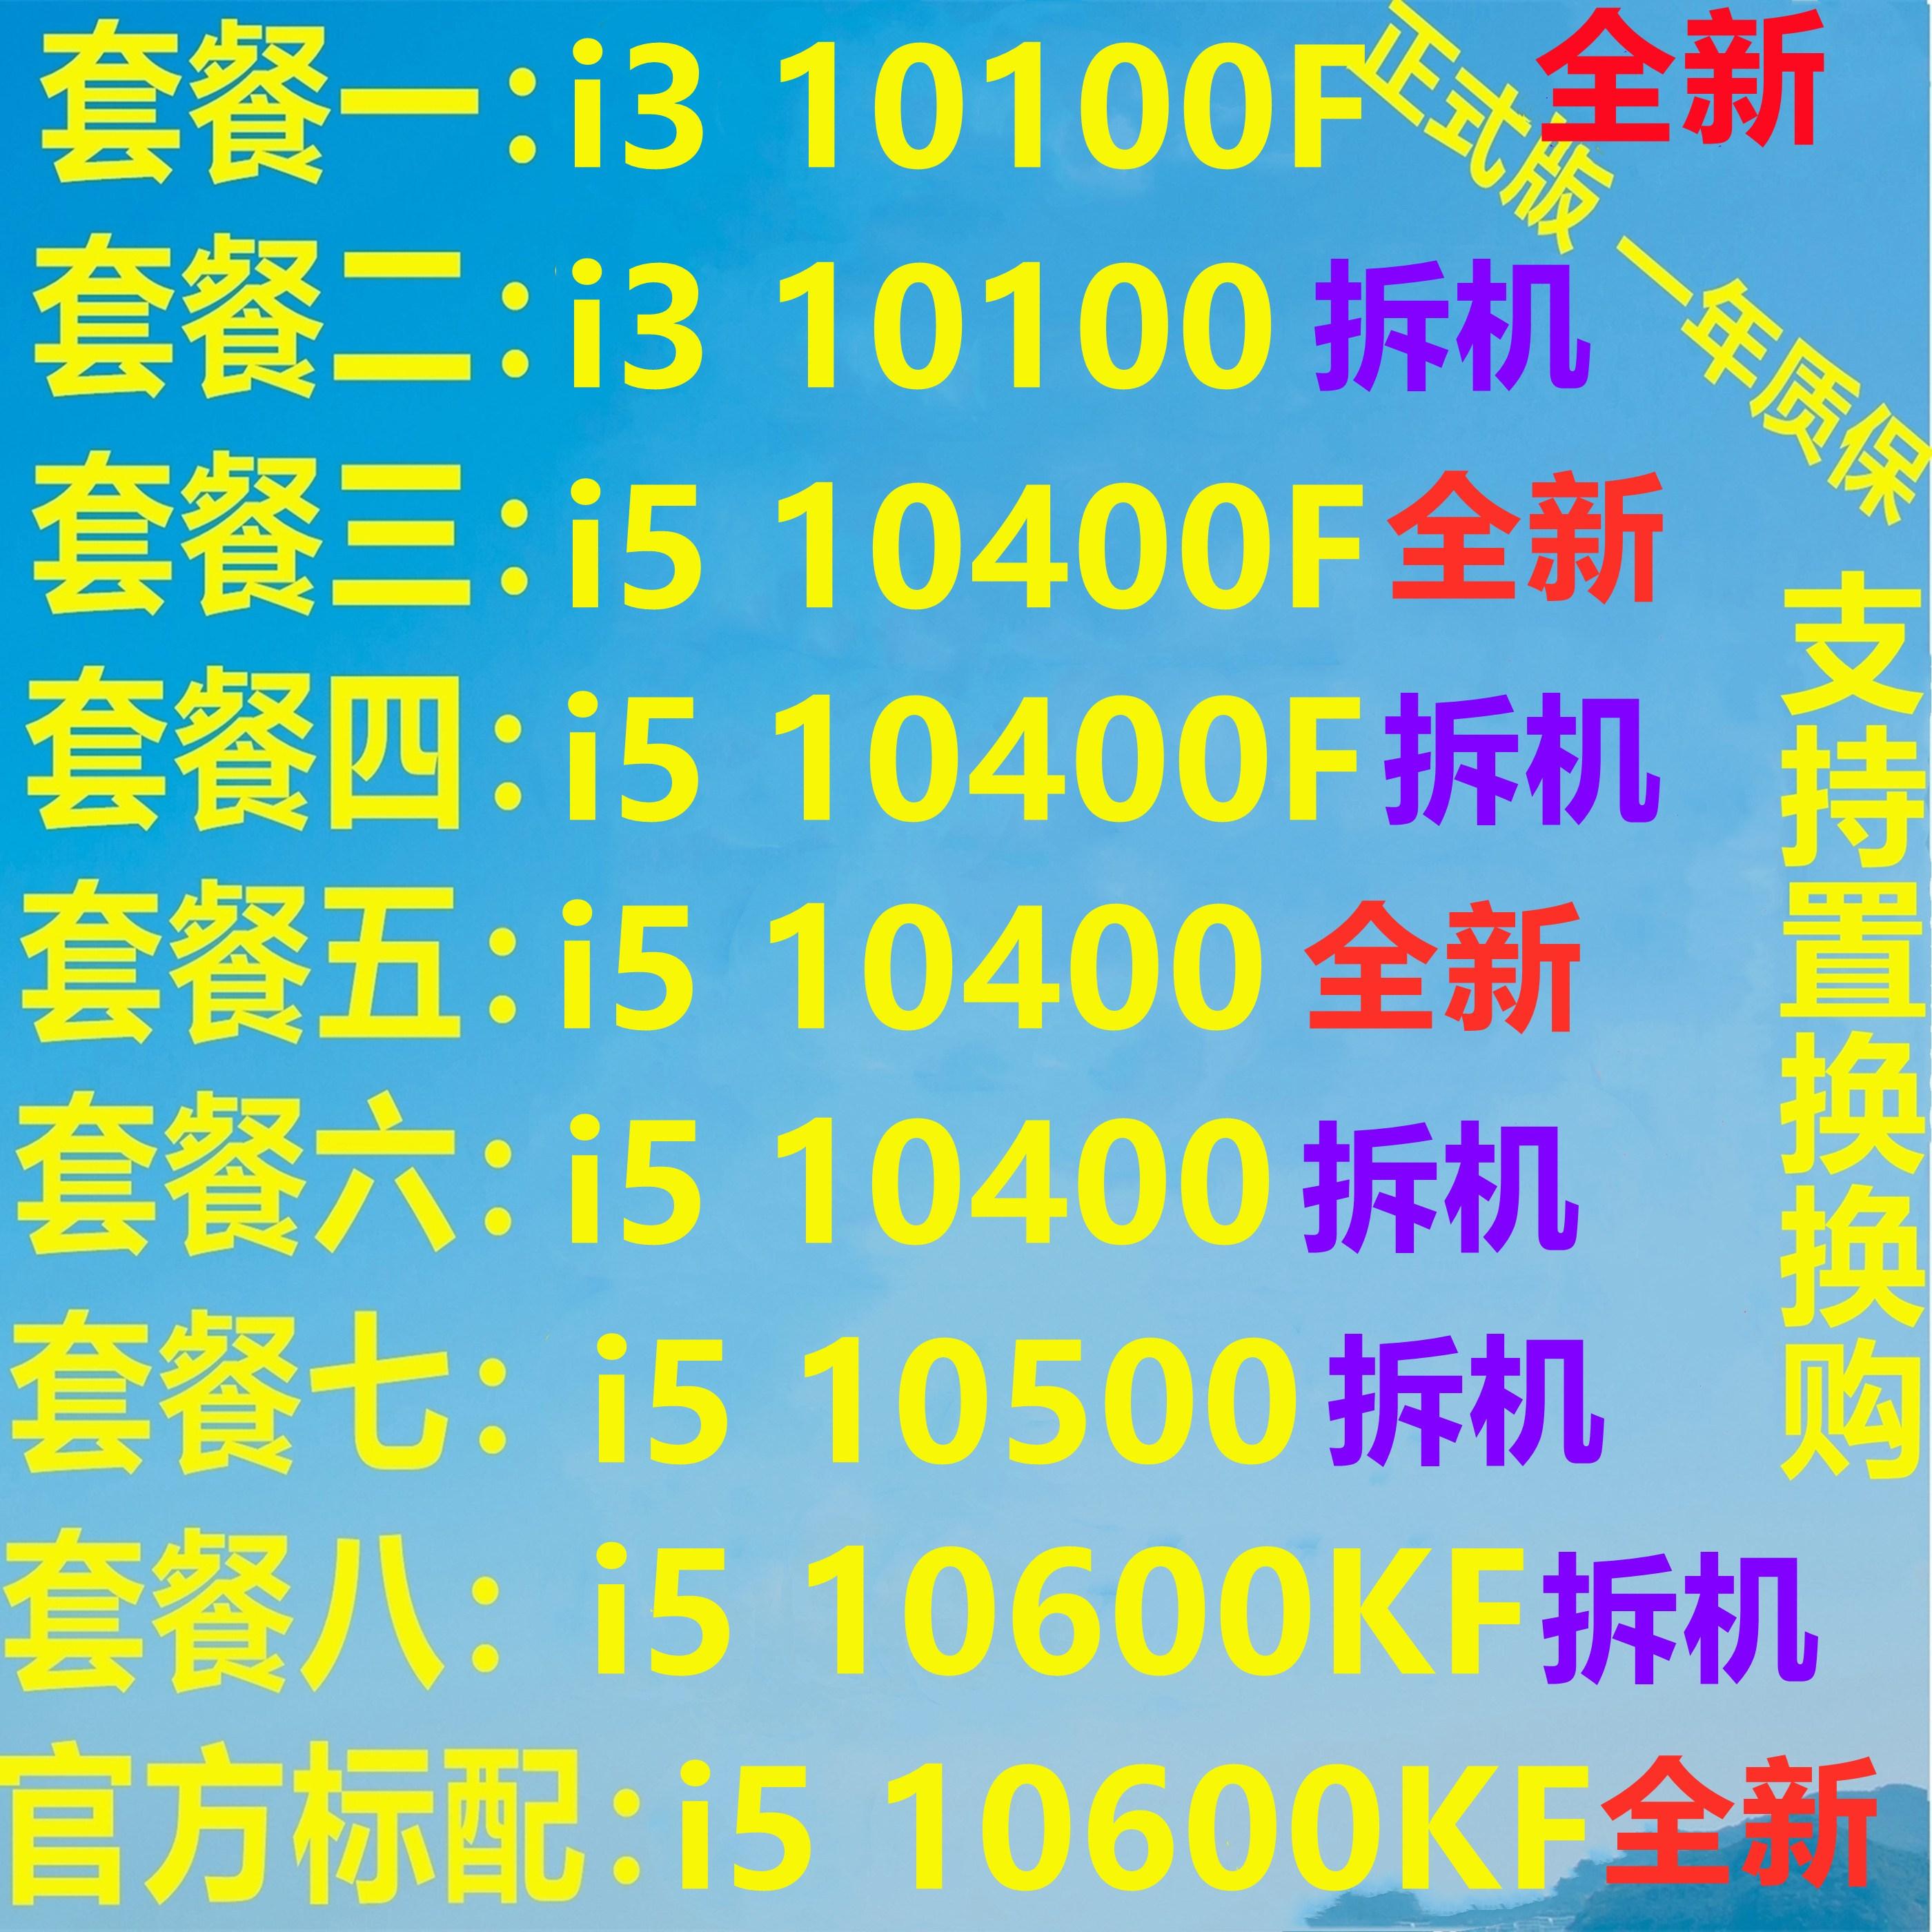 [해외] CPU 10400 i3 i5 10400F 10600KF 패키지 F 재활용 10100 분산  {포장 종류:01 패키지 A}